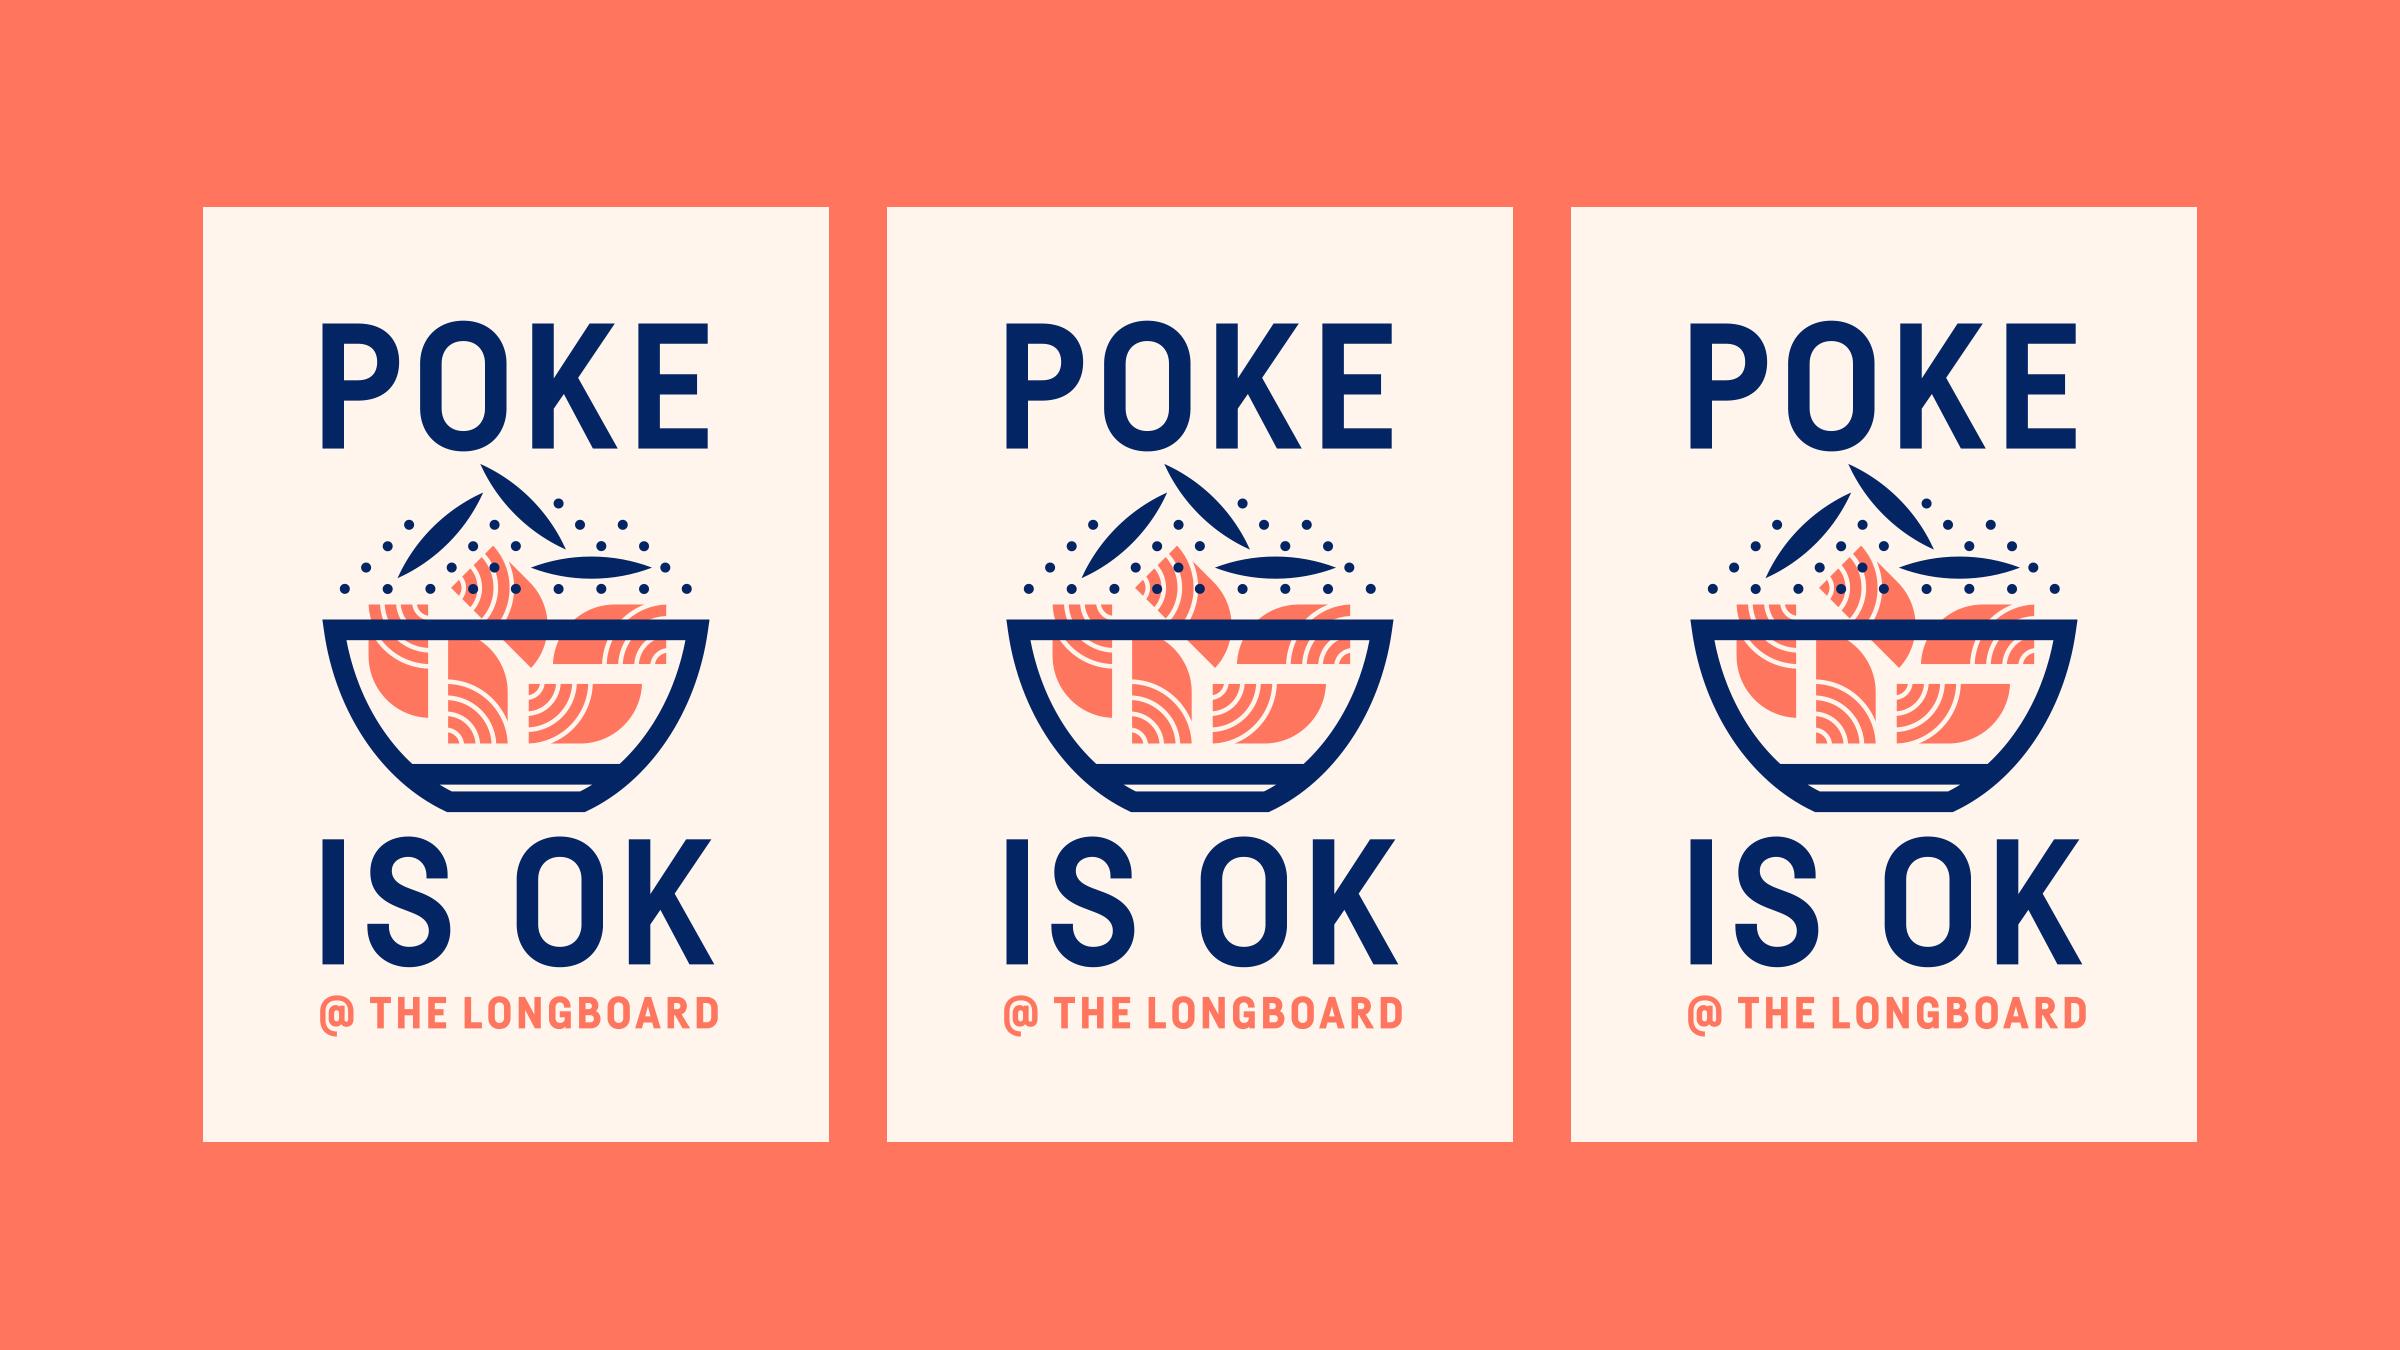 The Longboard Poké is OK